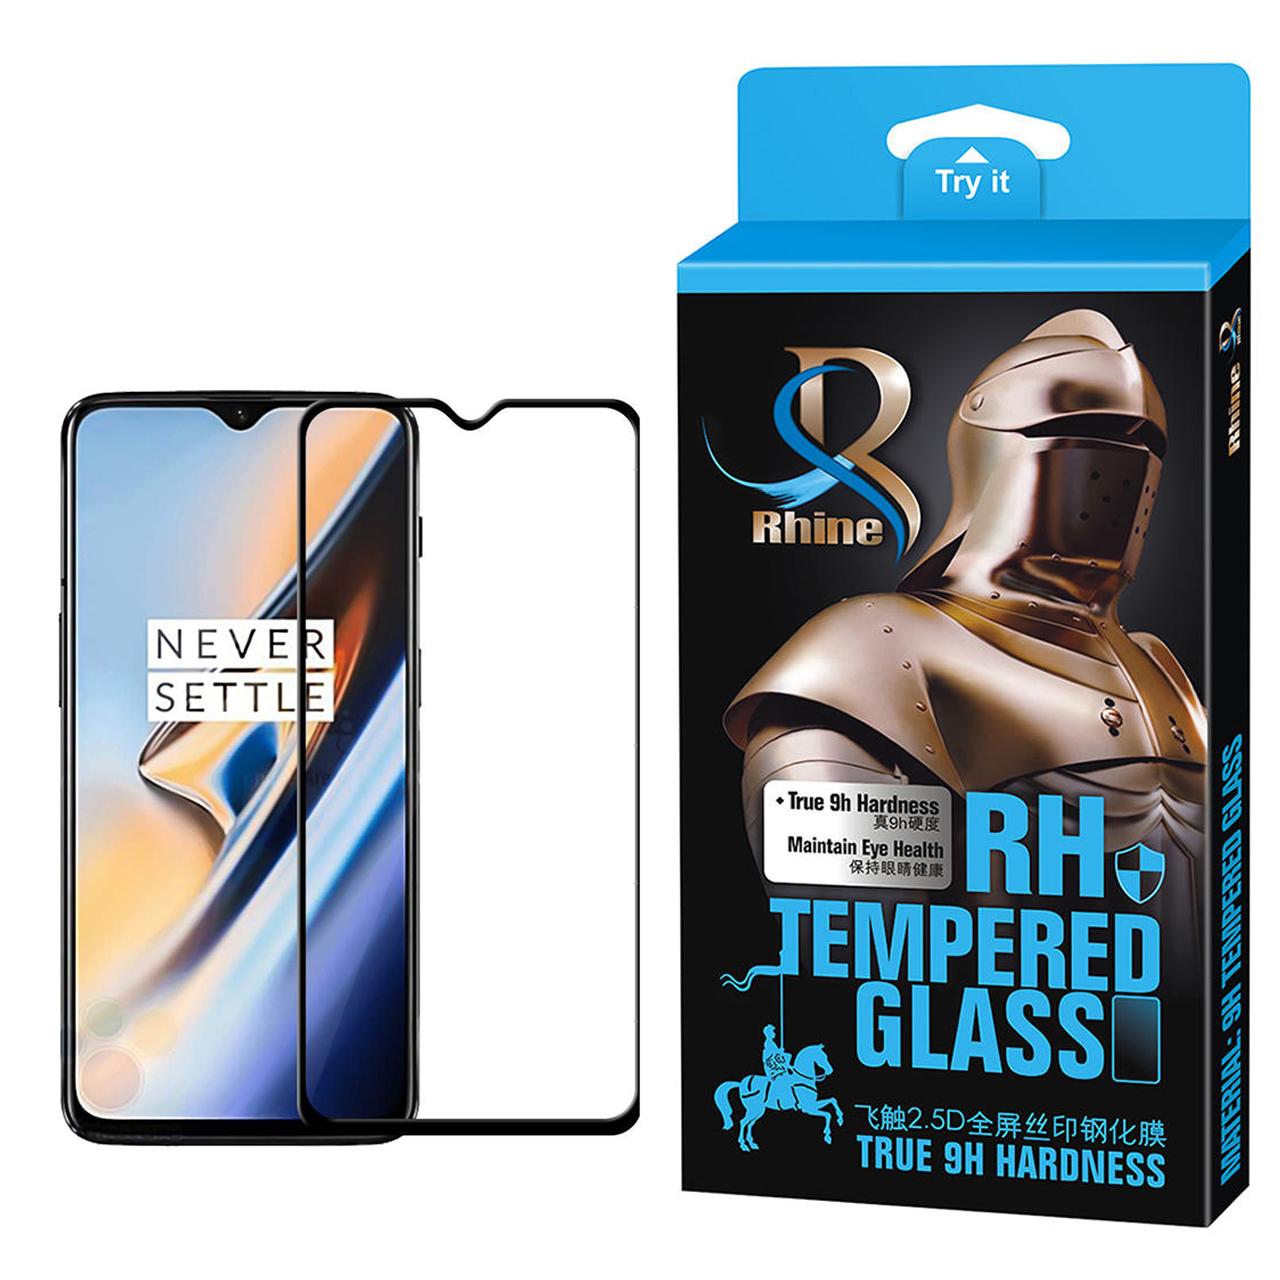 خرید                     محافظ صفحه نمایش راین مدل R_9 مناسب برای گوشی موبایل وان پلاس 6T